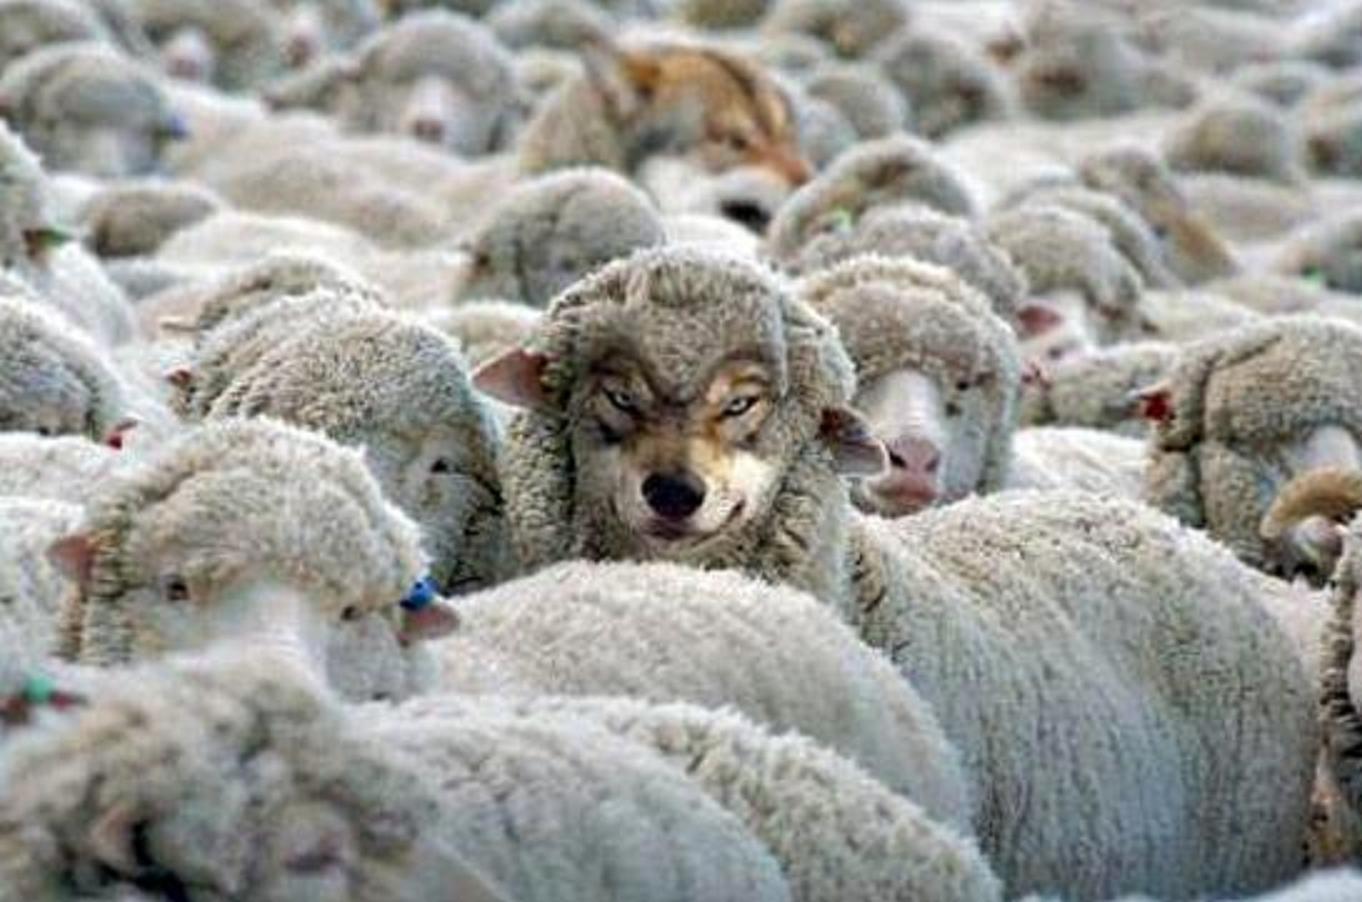 Τί κάνουν οἱ λύκοι ἀνάμεσα στά πρόβατα;